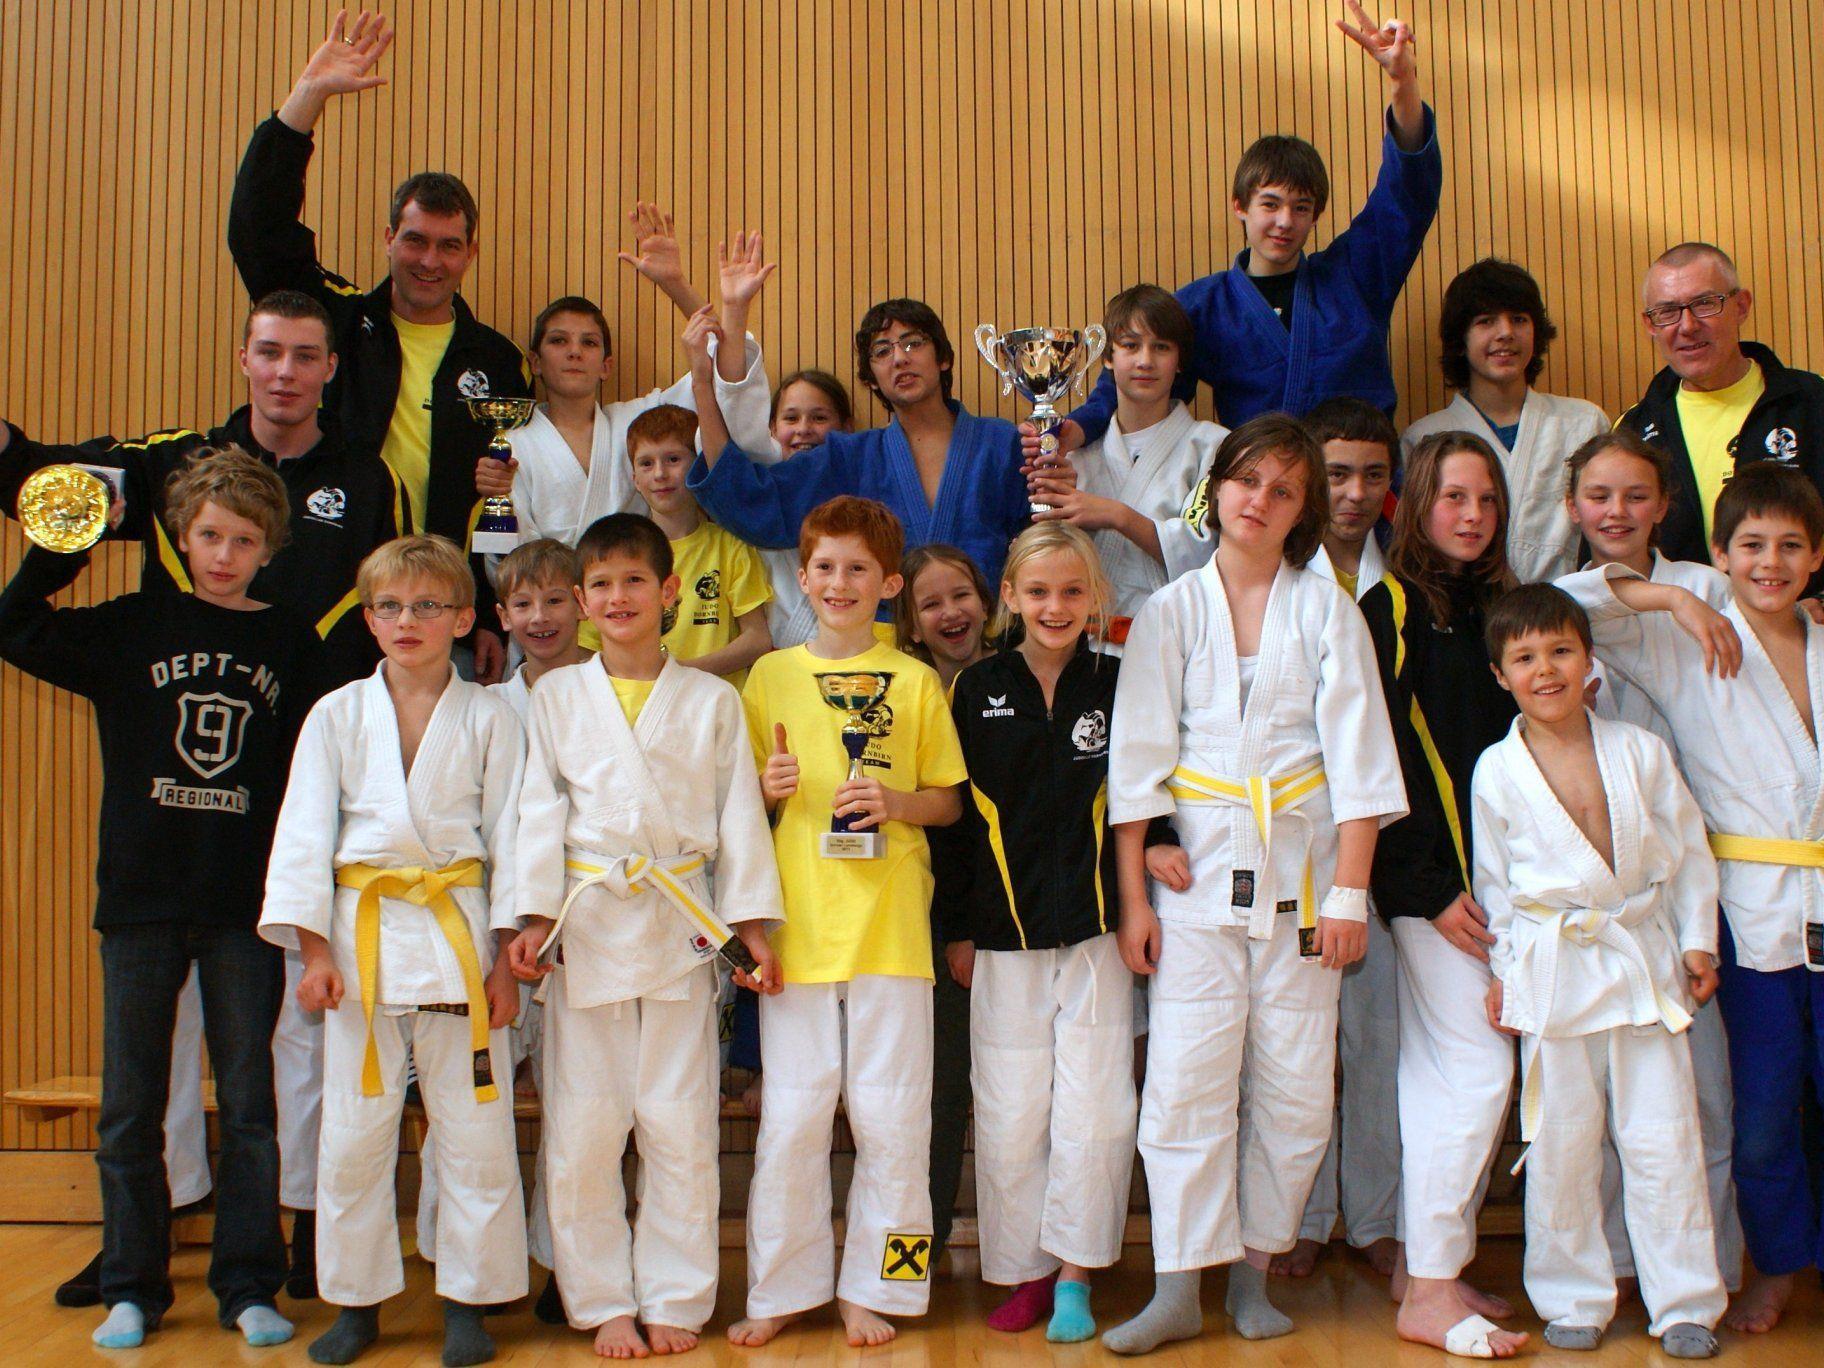 Die siegreiche Judo-Mannschaft aus Dornbirn